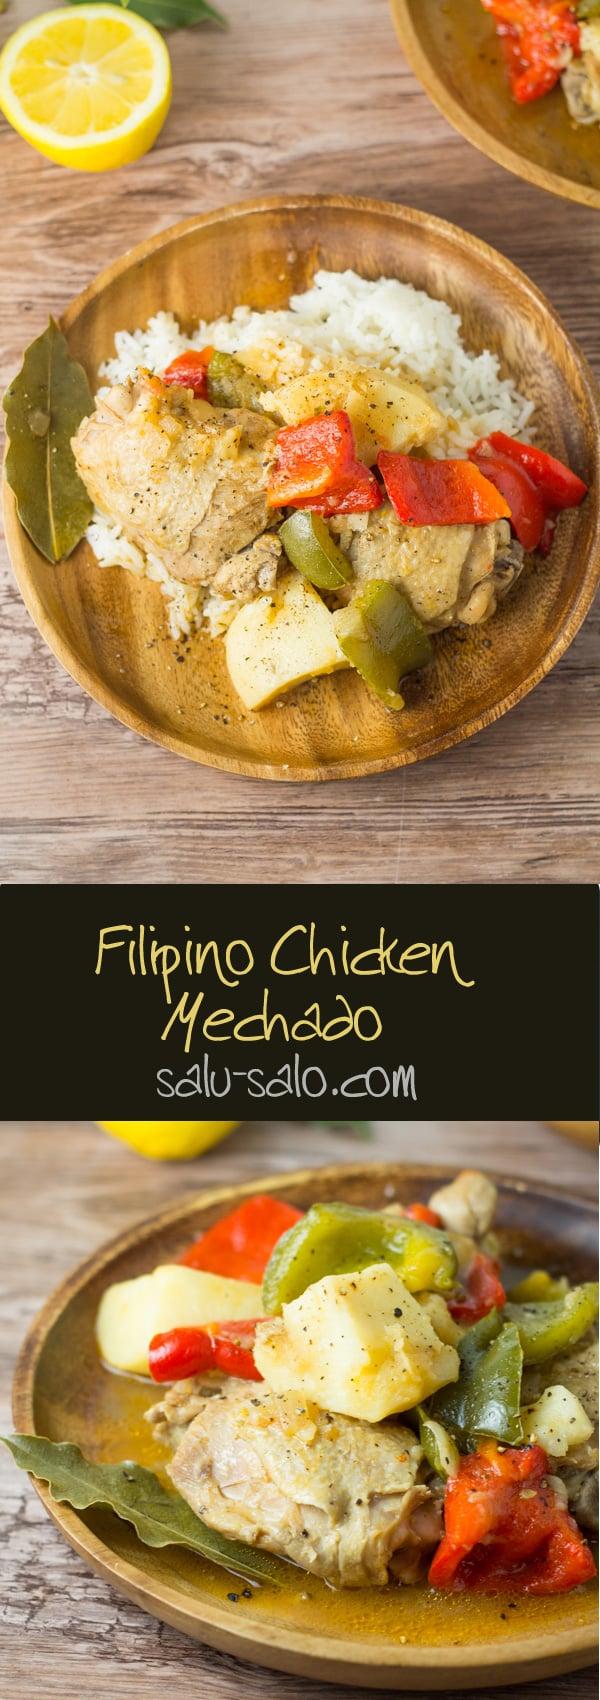 Chicken Mechado